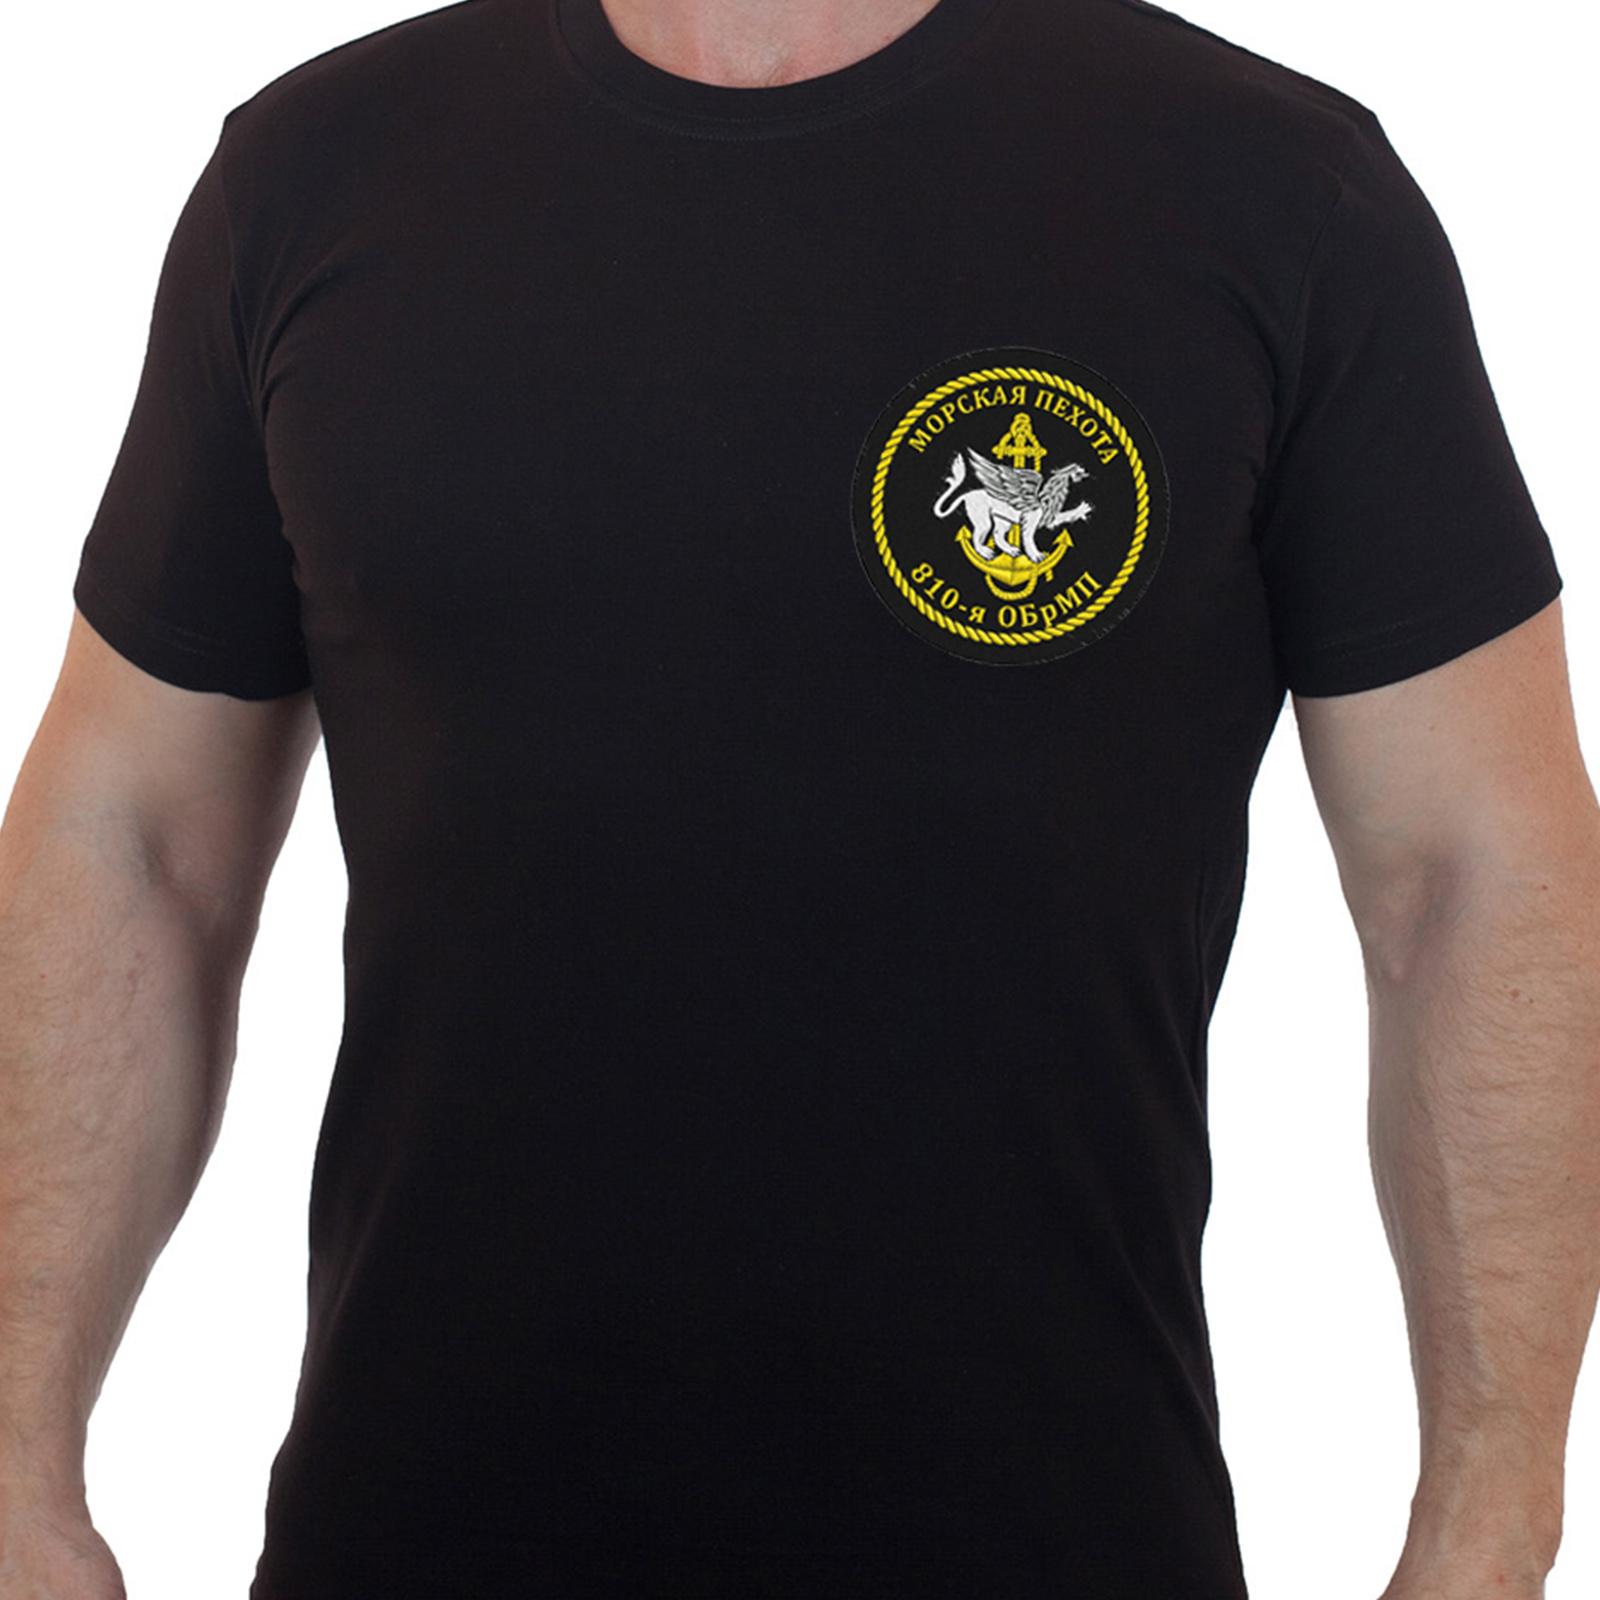 Черная футболка с вышивкой Морская Пехота 810-я ОБрМП- купить онлайн